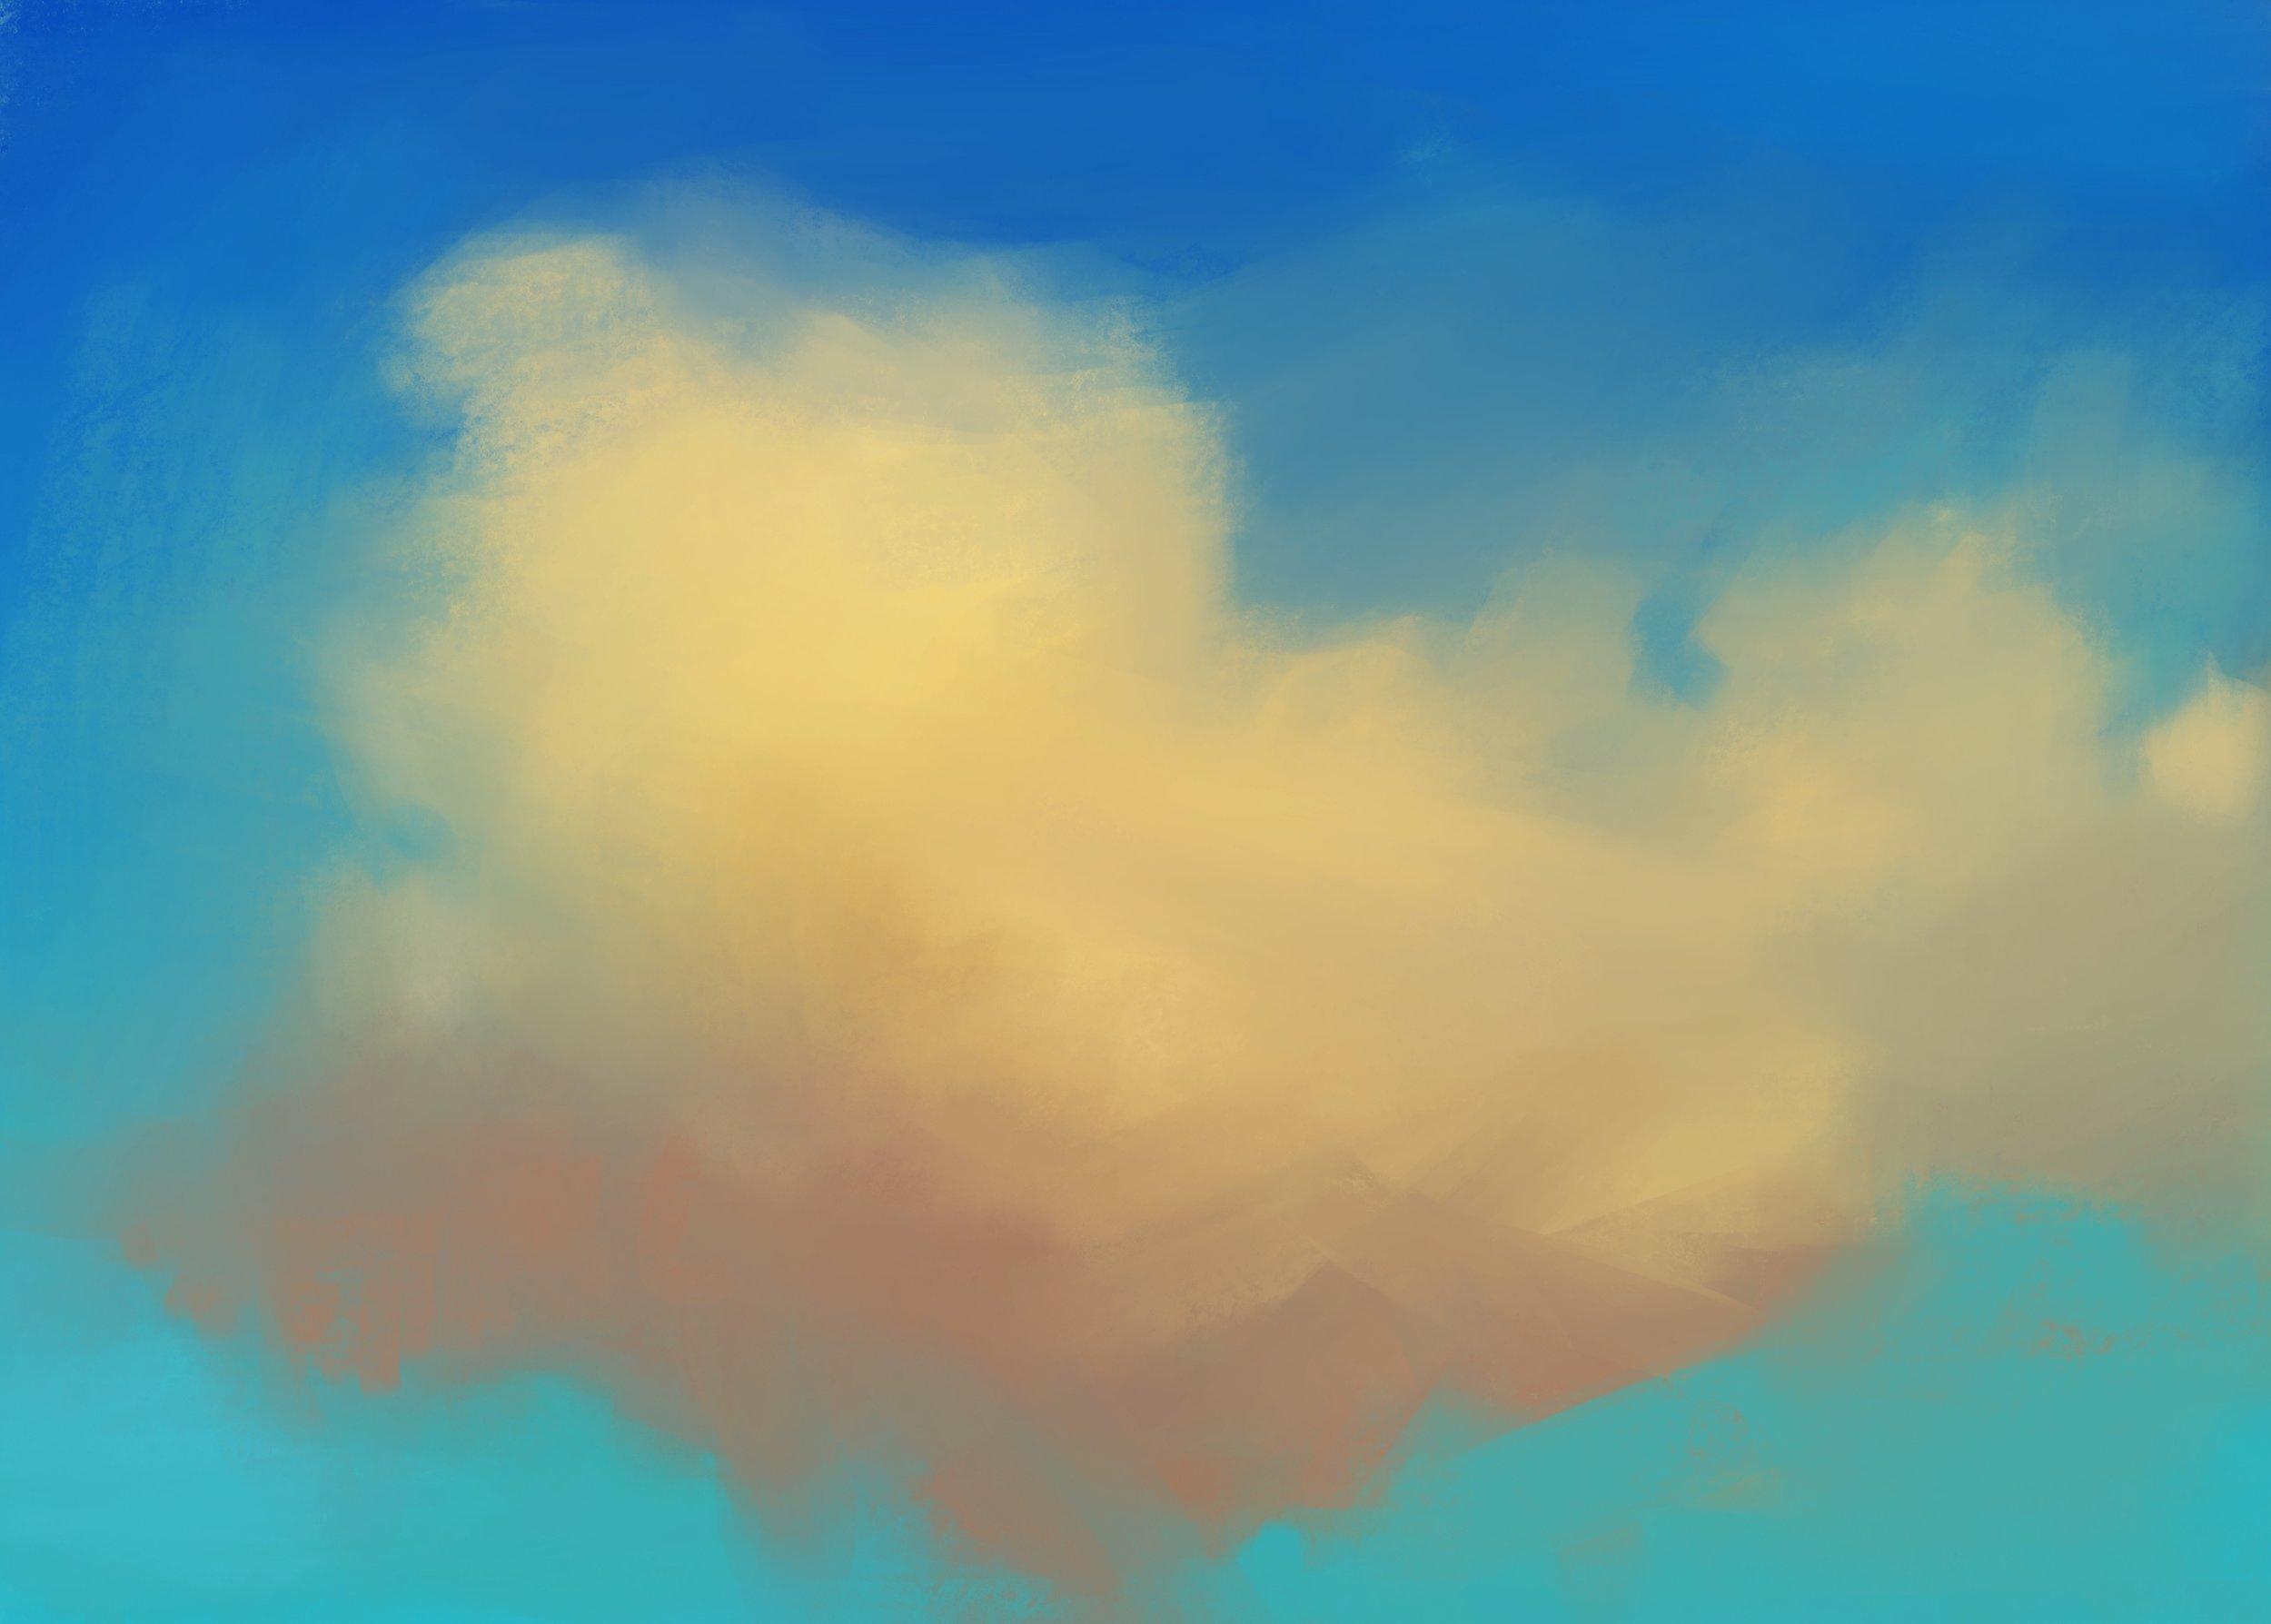 cloud1_digital.jpg